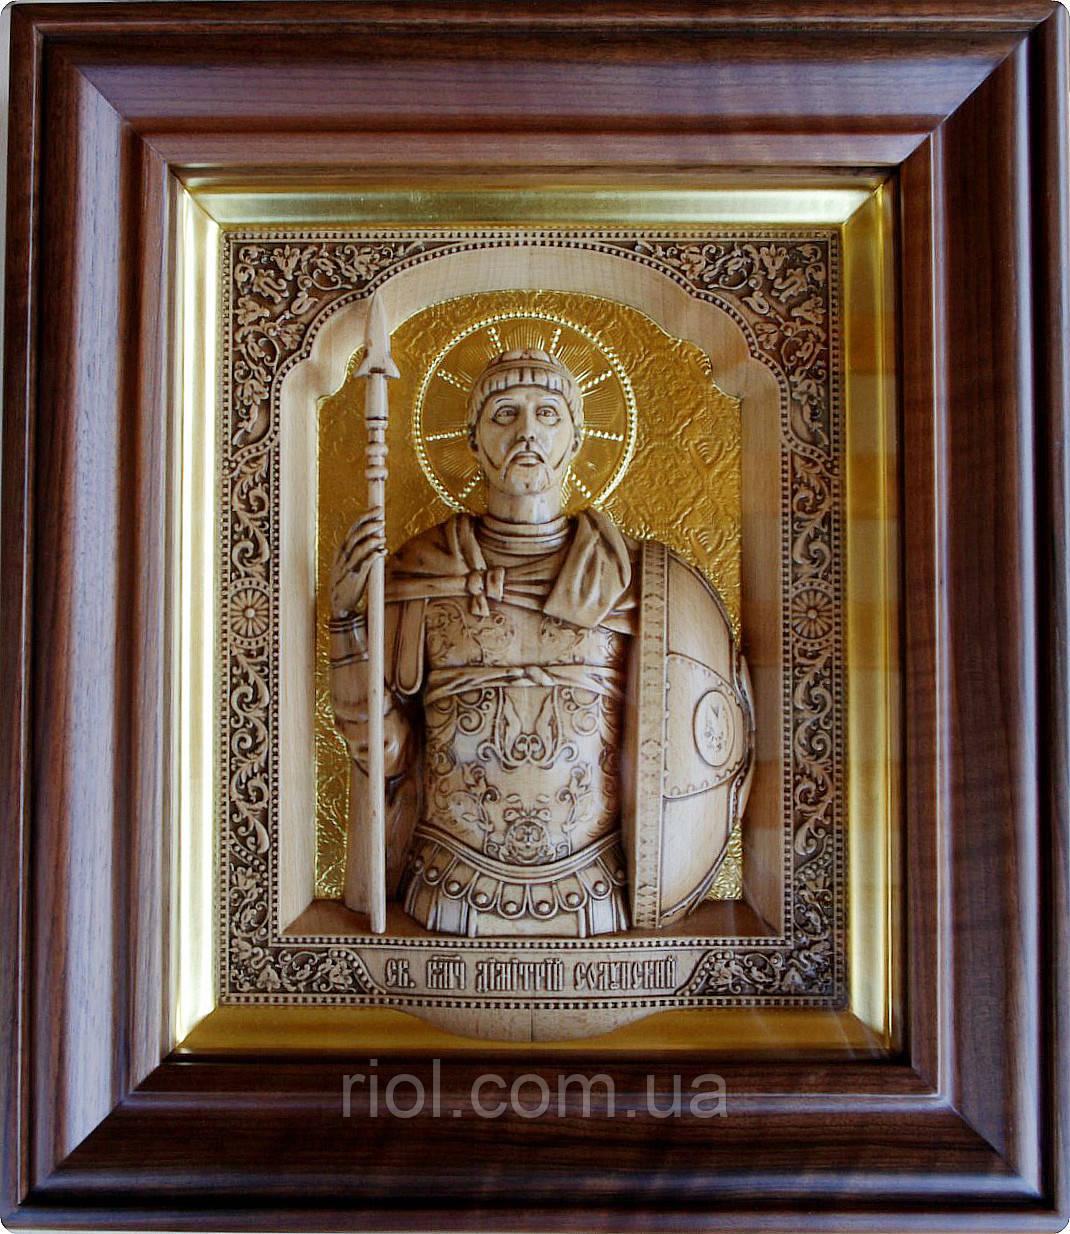 """Різьблена ікона з сусальним золотом """"Святий великомученик Димитрій Солунський"""""""